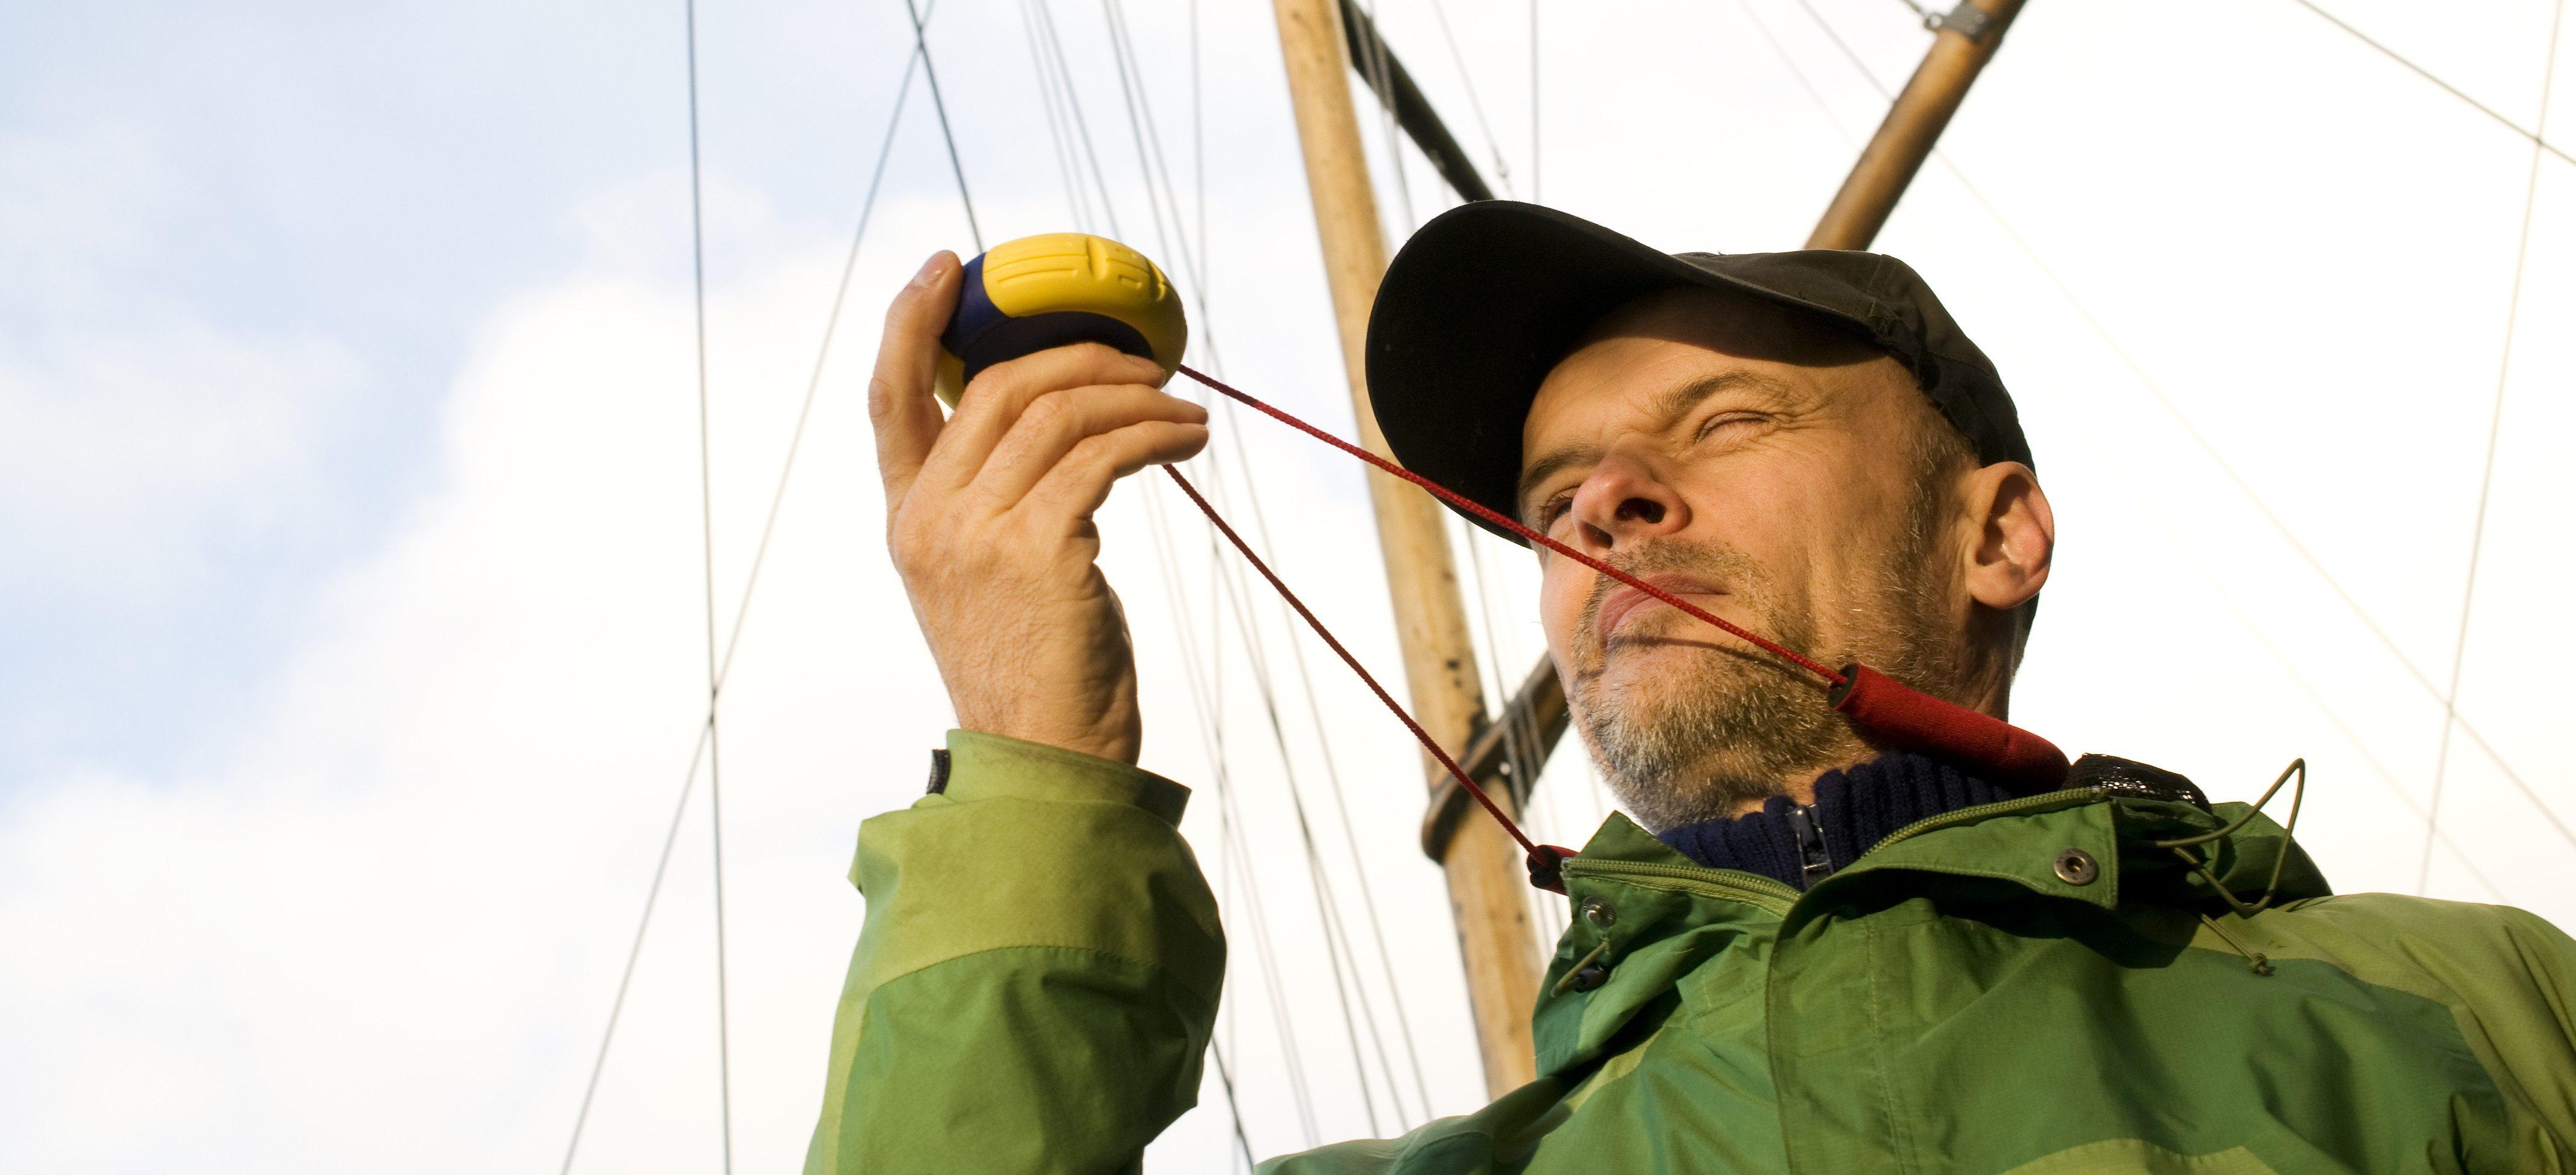 Comment faire un point avec un compas de relèvement ? Picksea - SAS Nauting